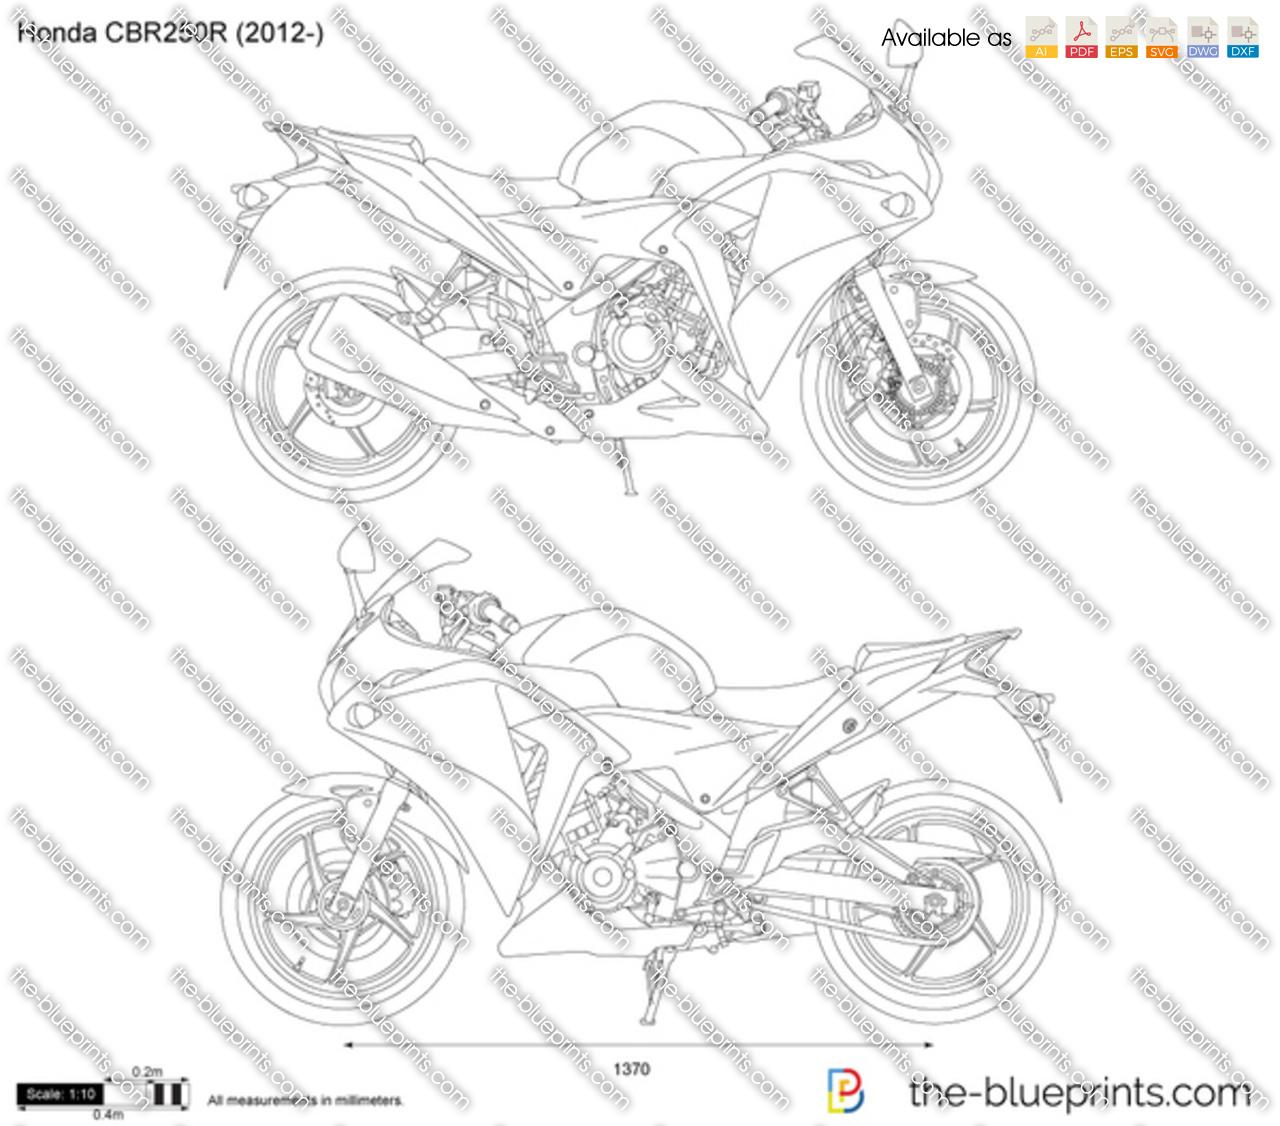 Honda CBR250R 2013